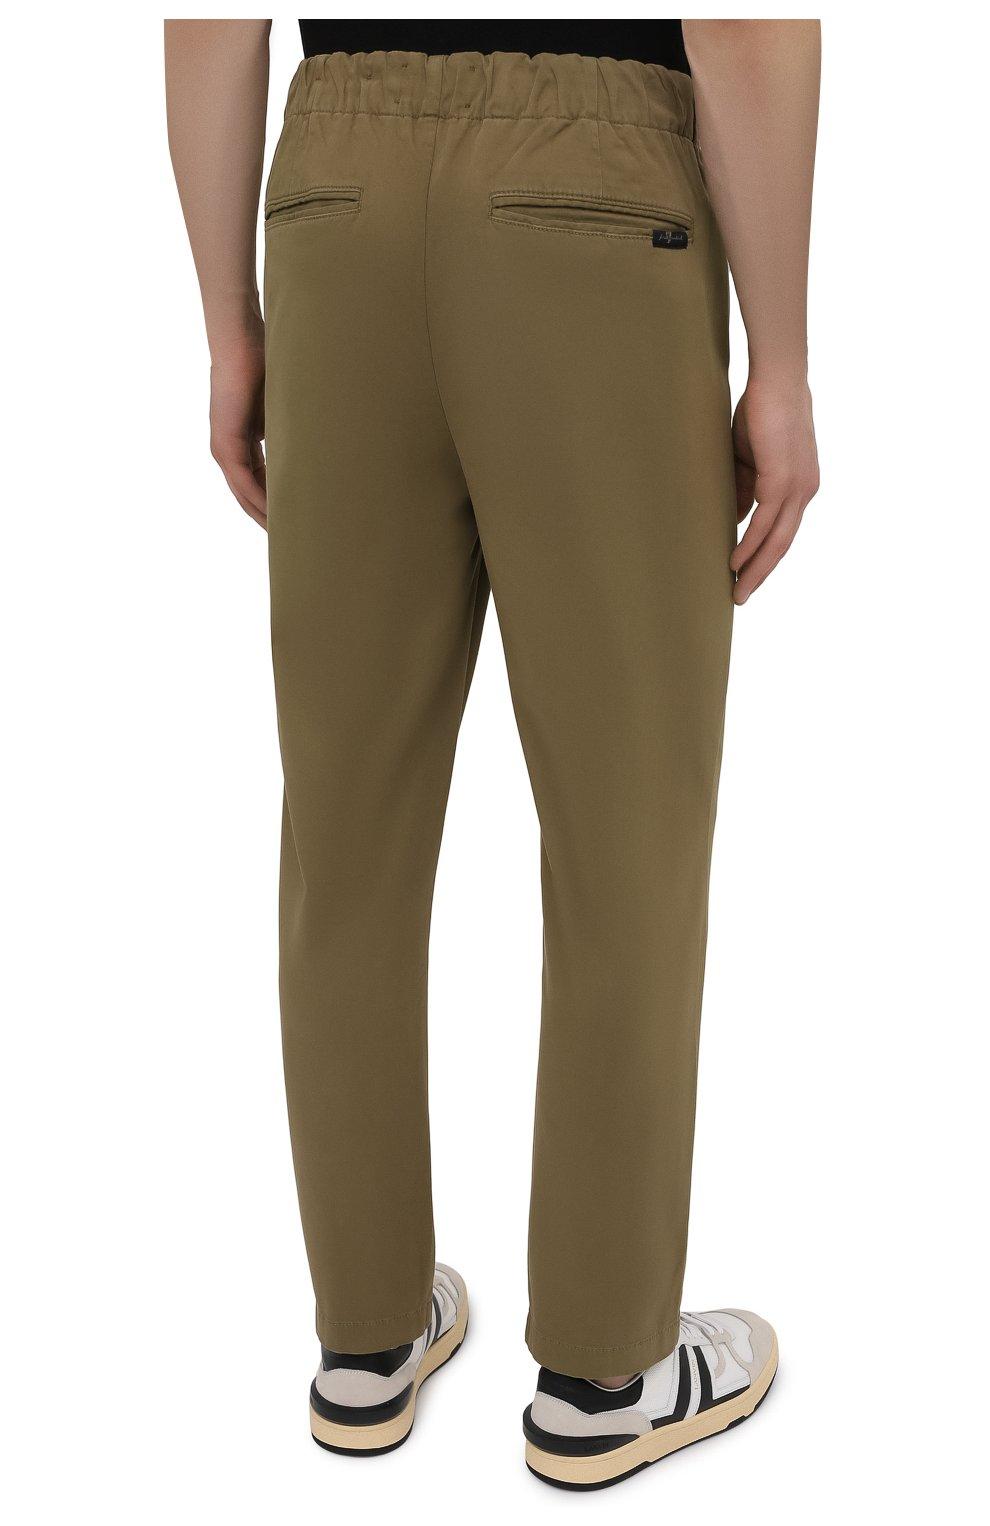 Мужские брюки 7 FOR ALL MANKIND хаки цвета, арт. JSCJB560FR   Фото 4 (Длина (брюки, джинсы): Стандартные; Случай: Повседневный; Материал внешний: Синтетический материал, Хлопок; Стили: Кэжуэл)